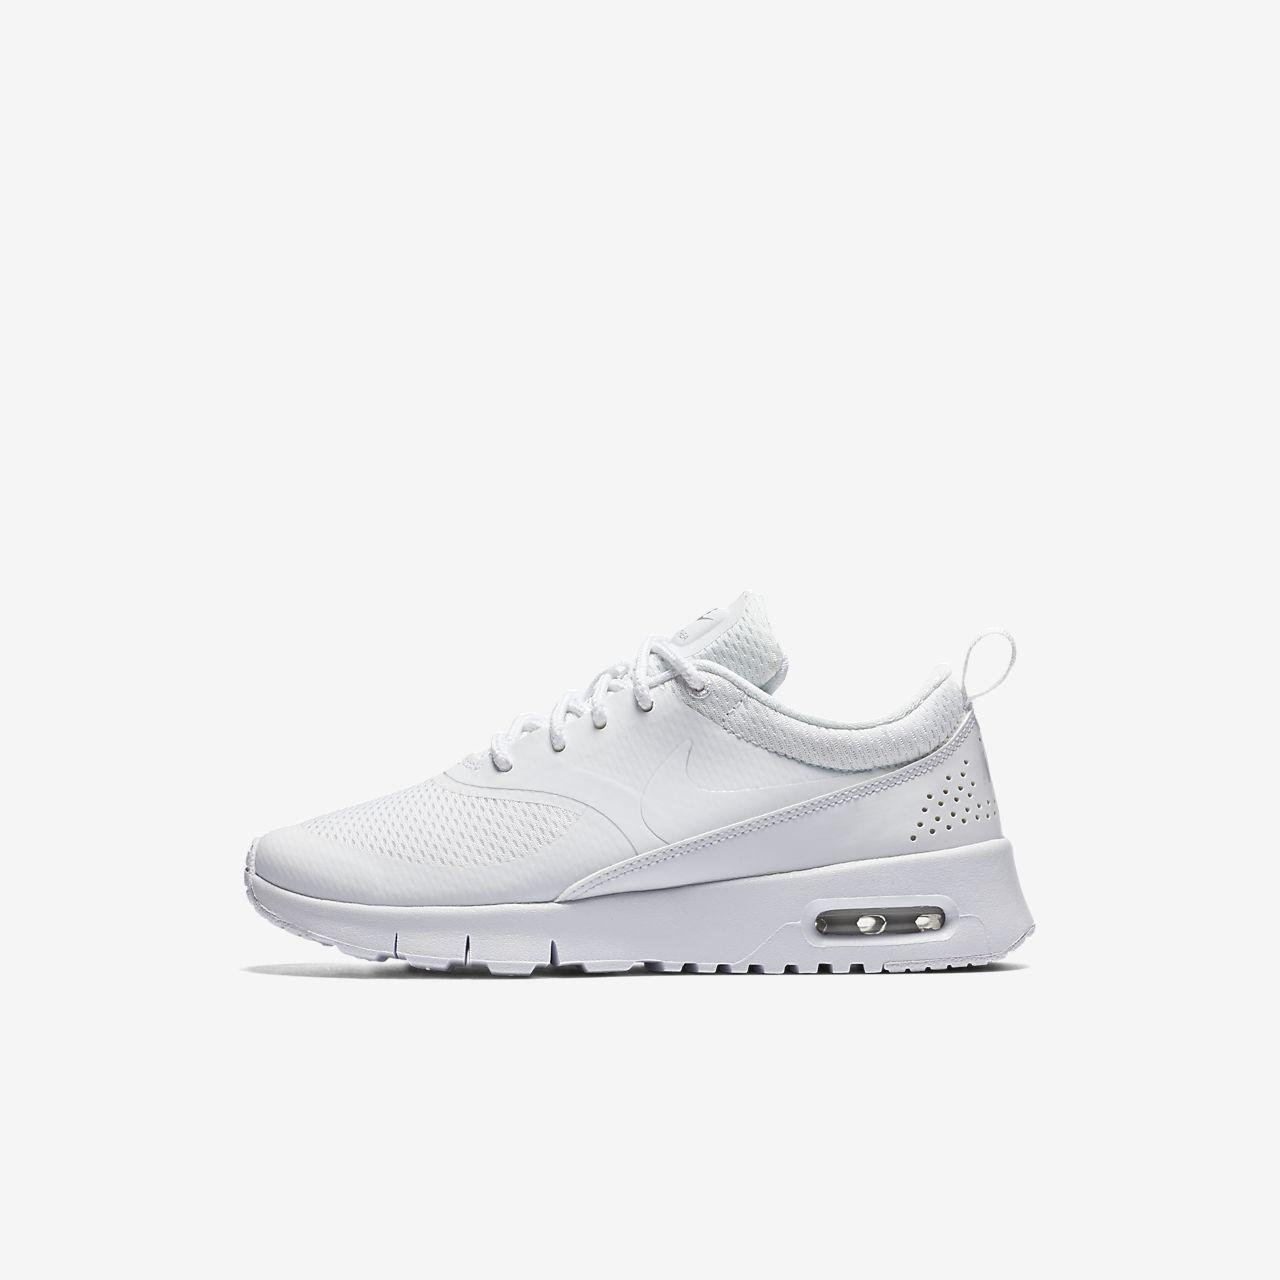 ... Chaussure Nike Air Max Thea pour Jeune enfant